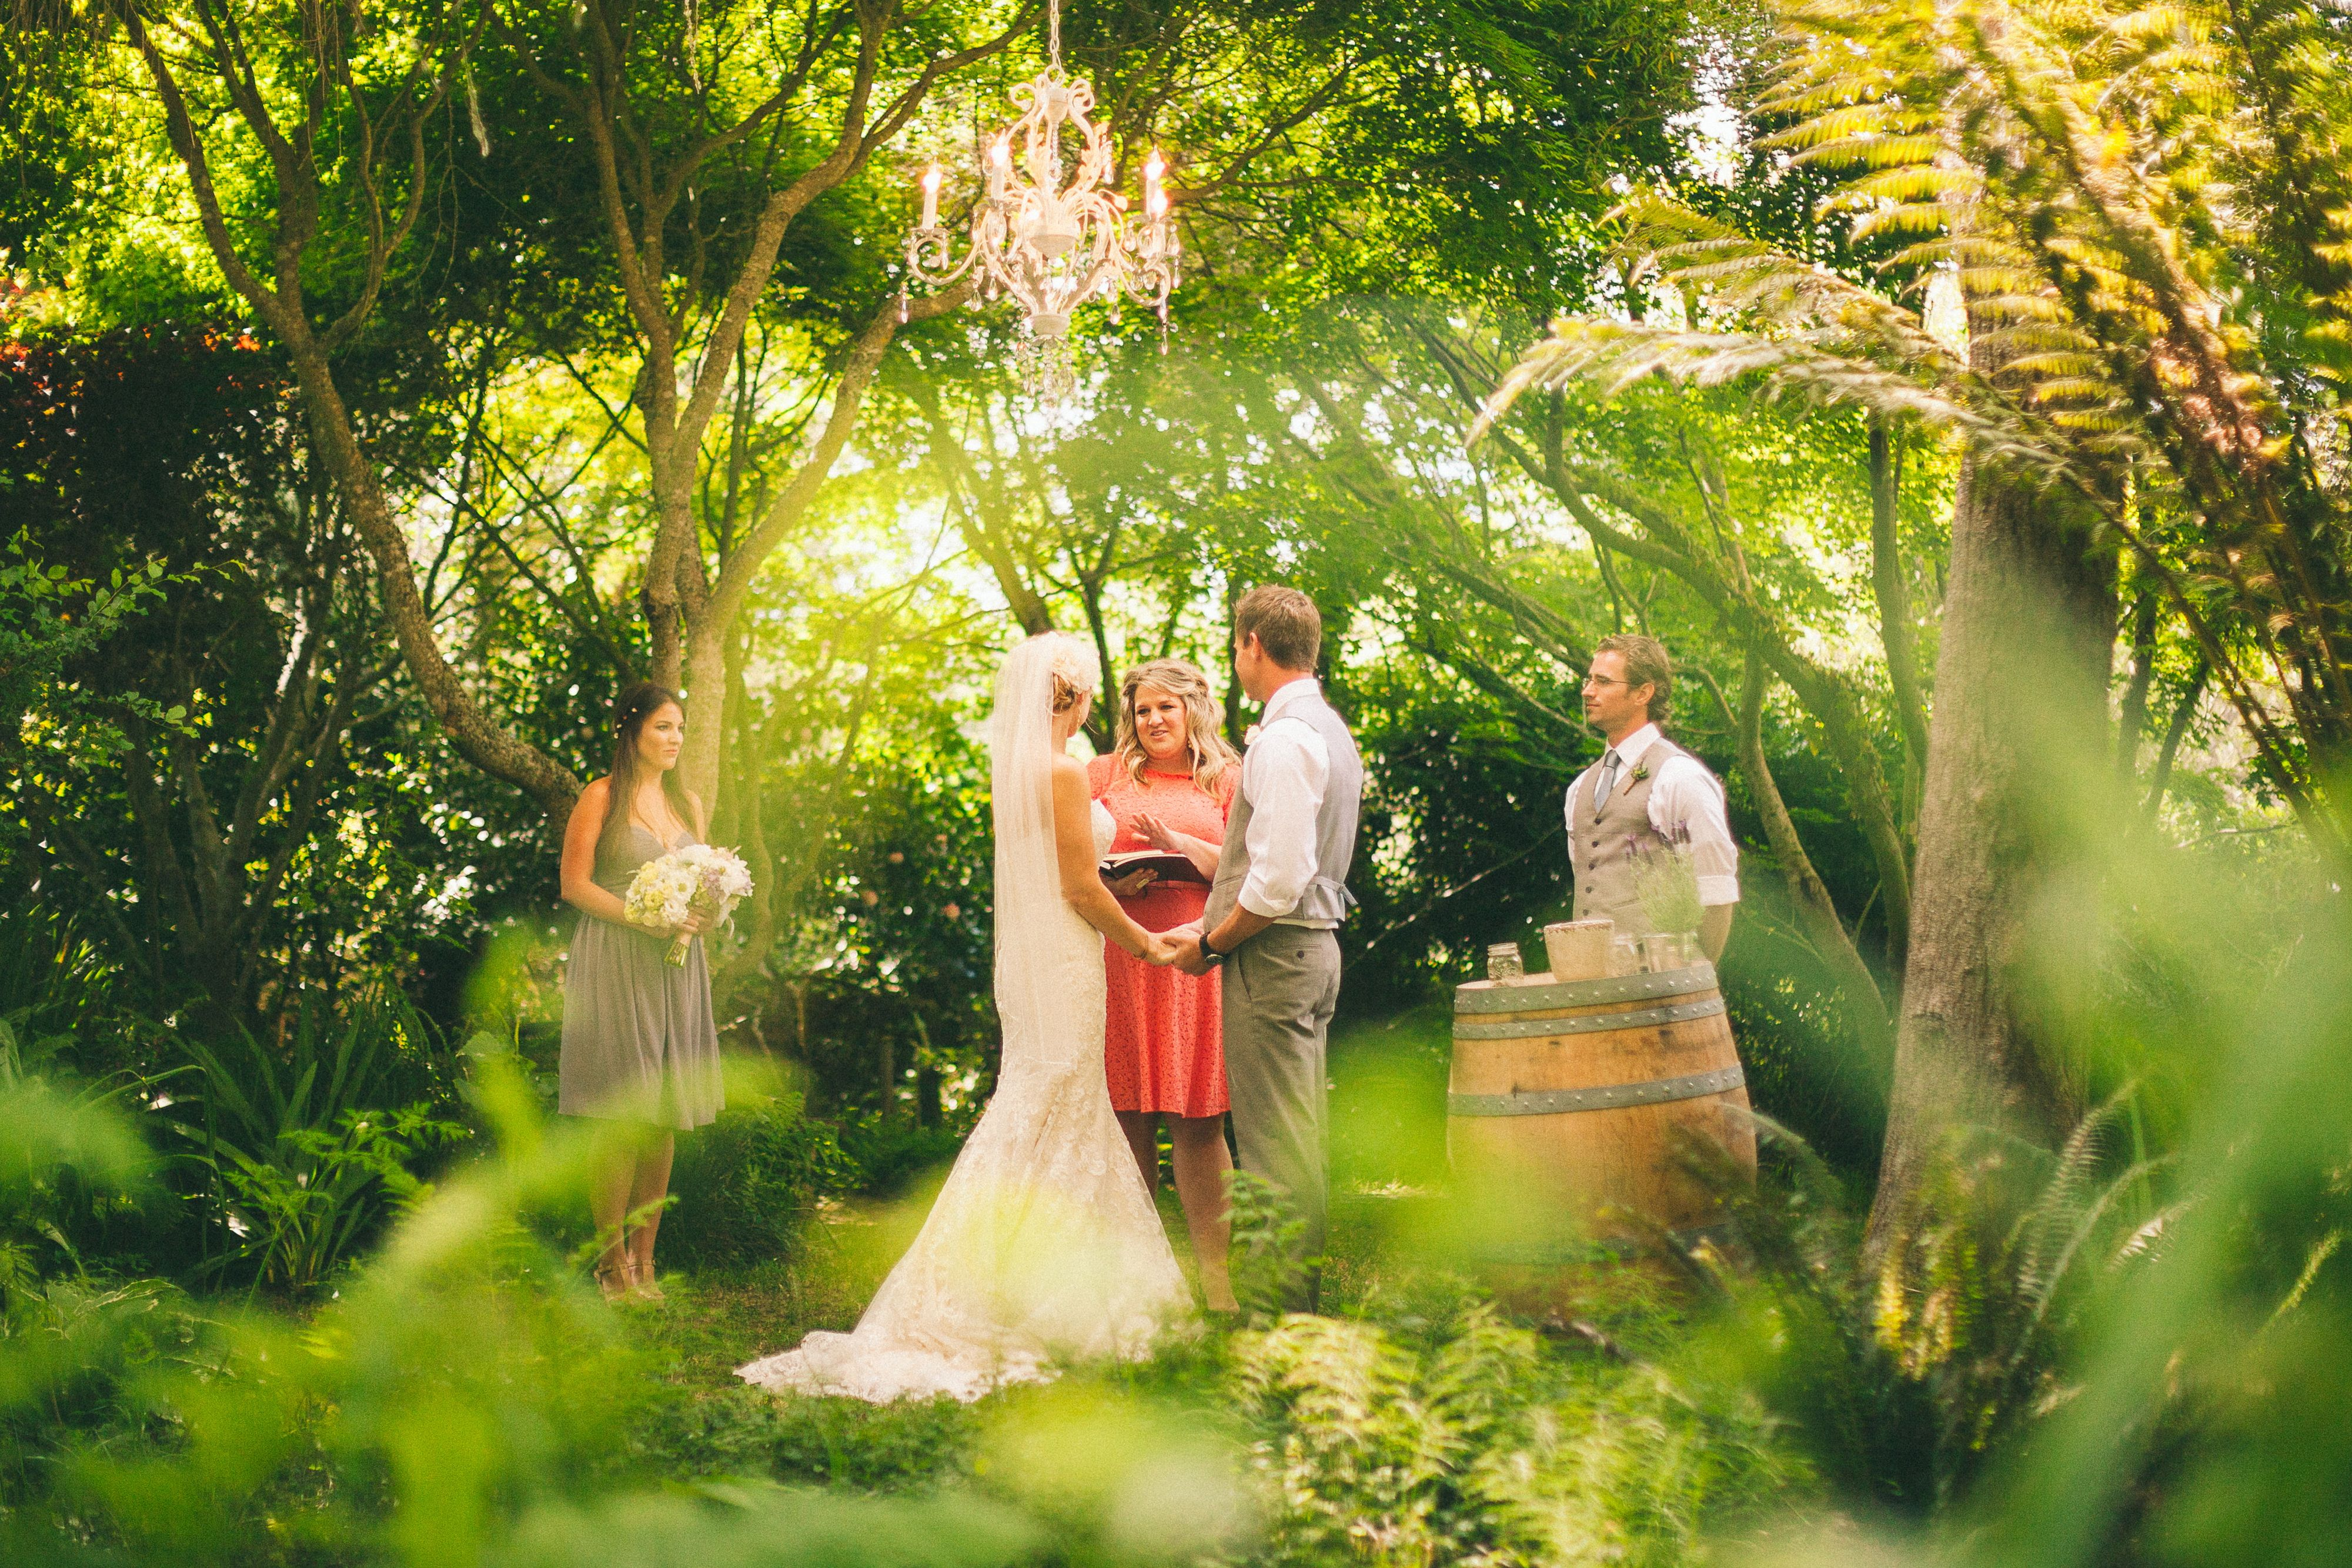 Rustic garden wedding chandelier ceremony Compass Rose